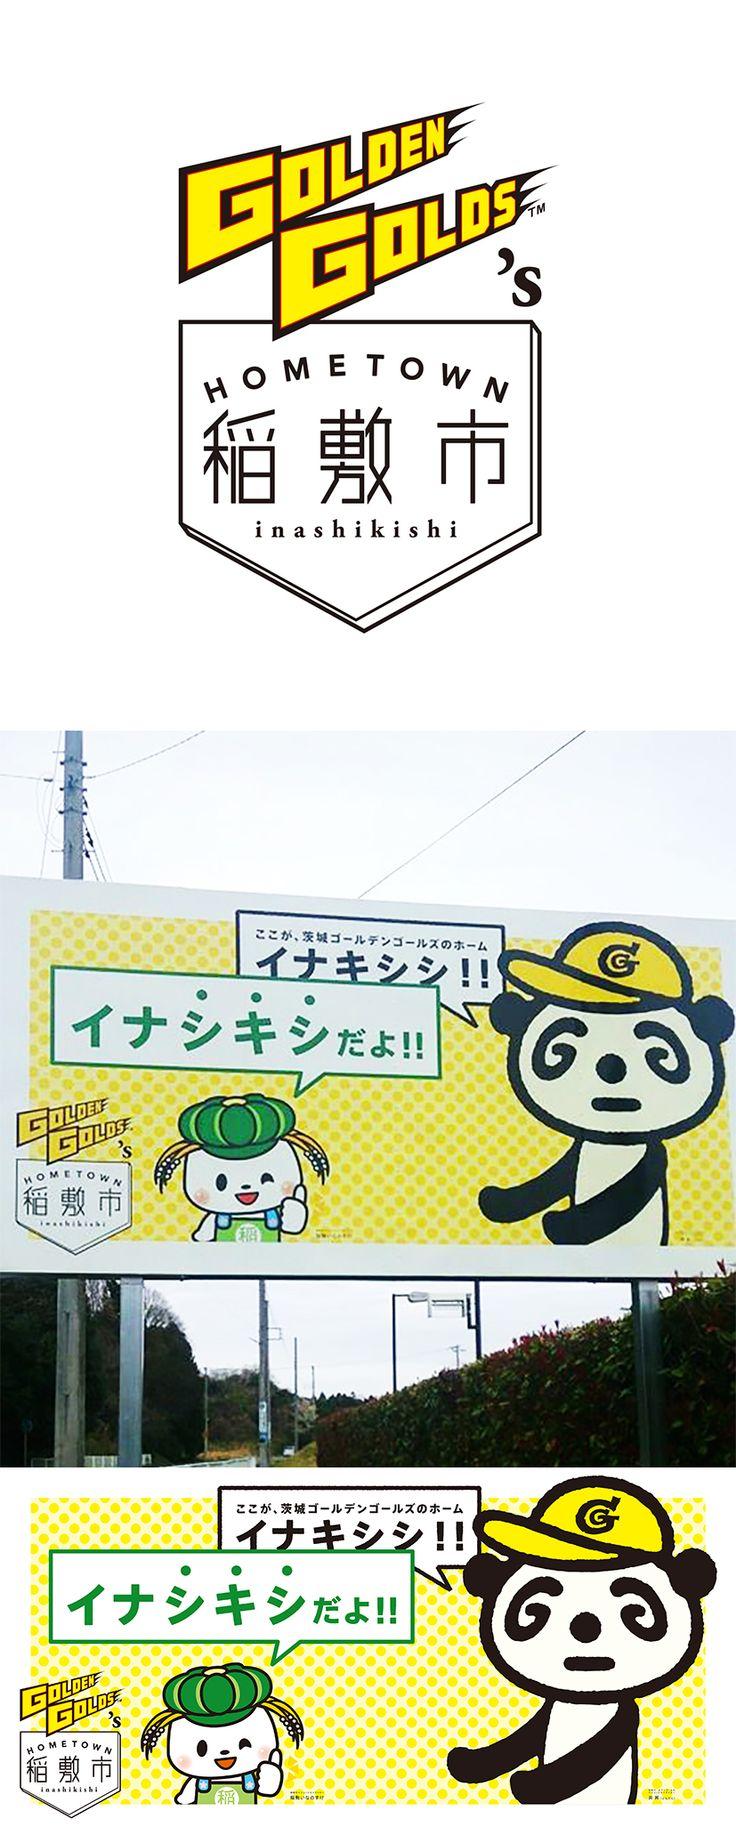 shun_yonemura GG&Inashikisi logo&OOH